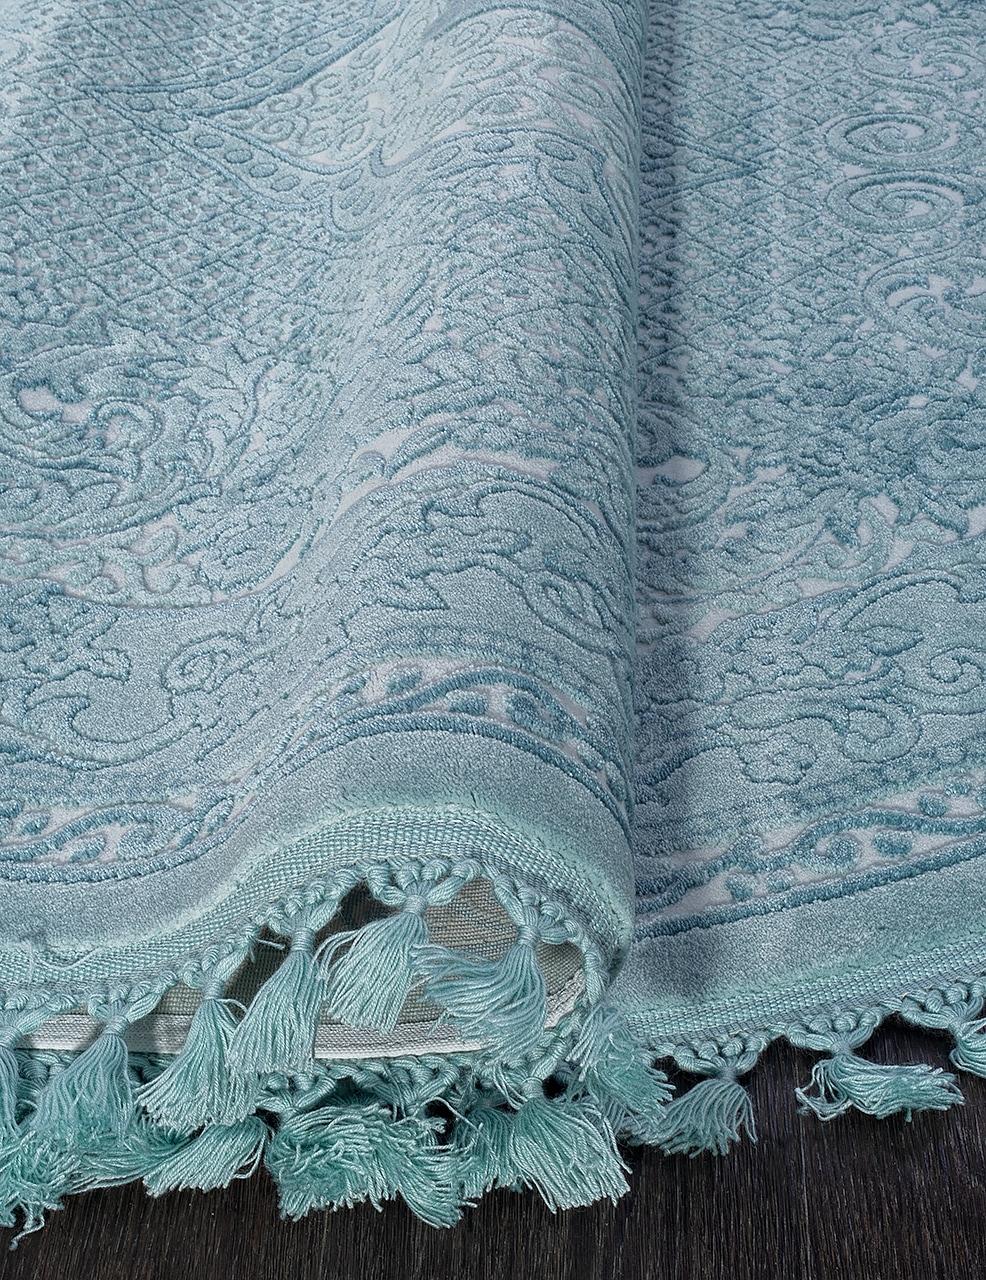 Ковер 07931 - BLUE / BLUE - Овал - коллекция HUNKAR - фото 3